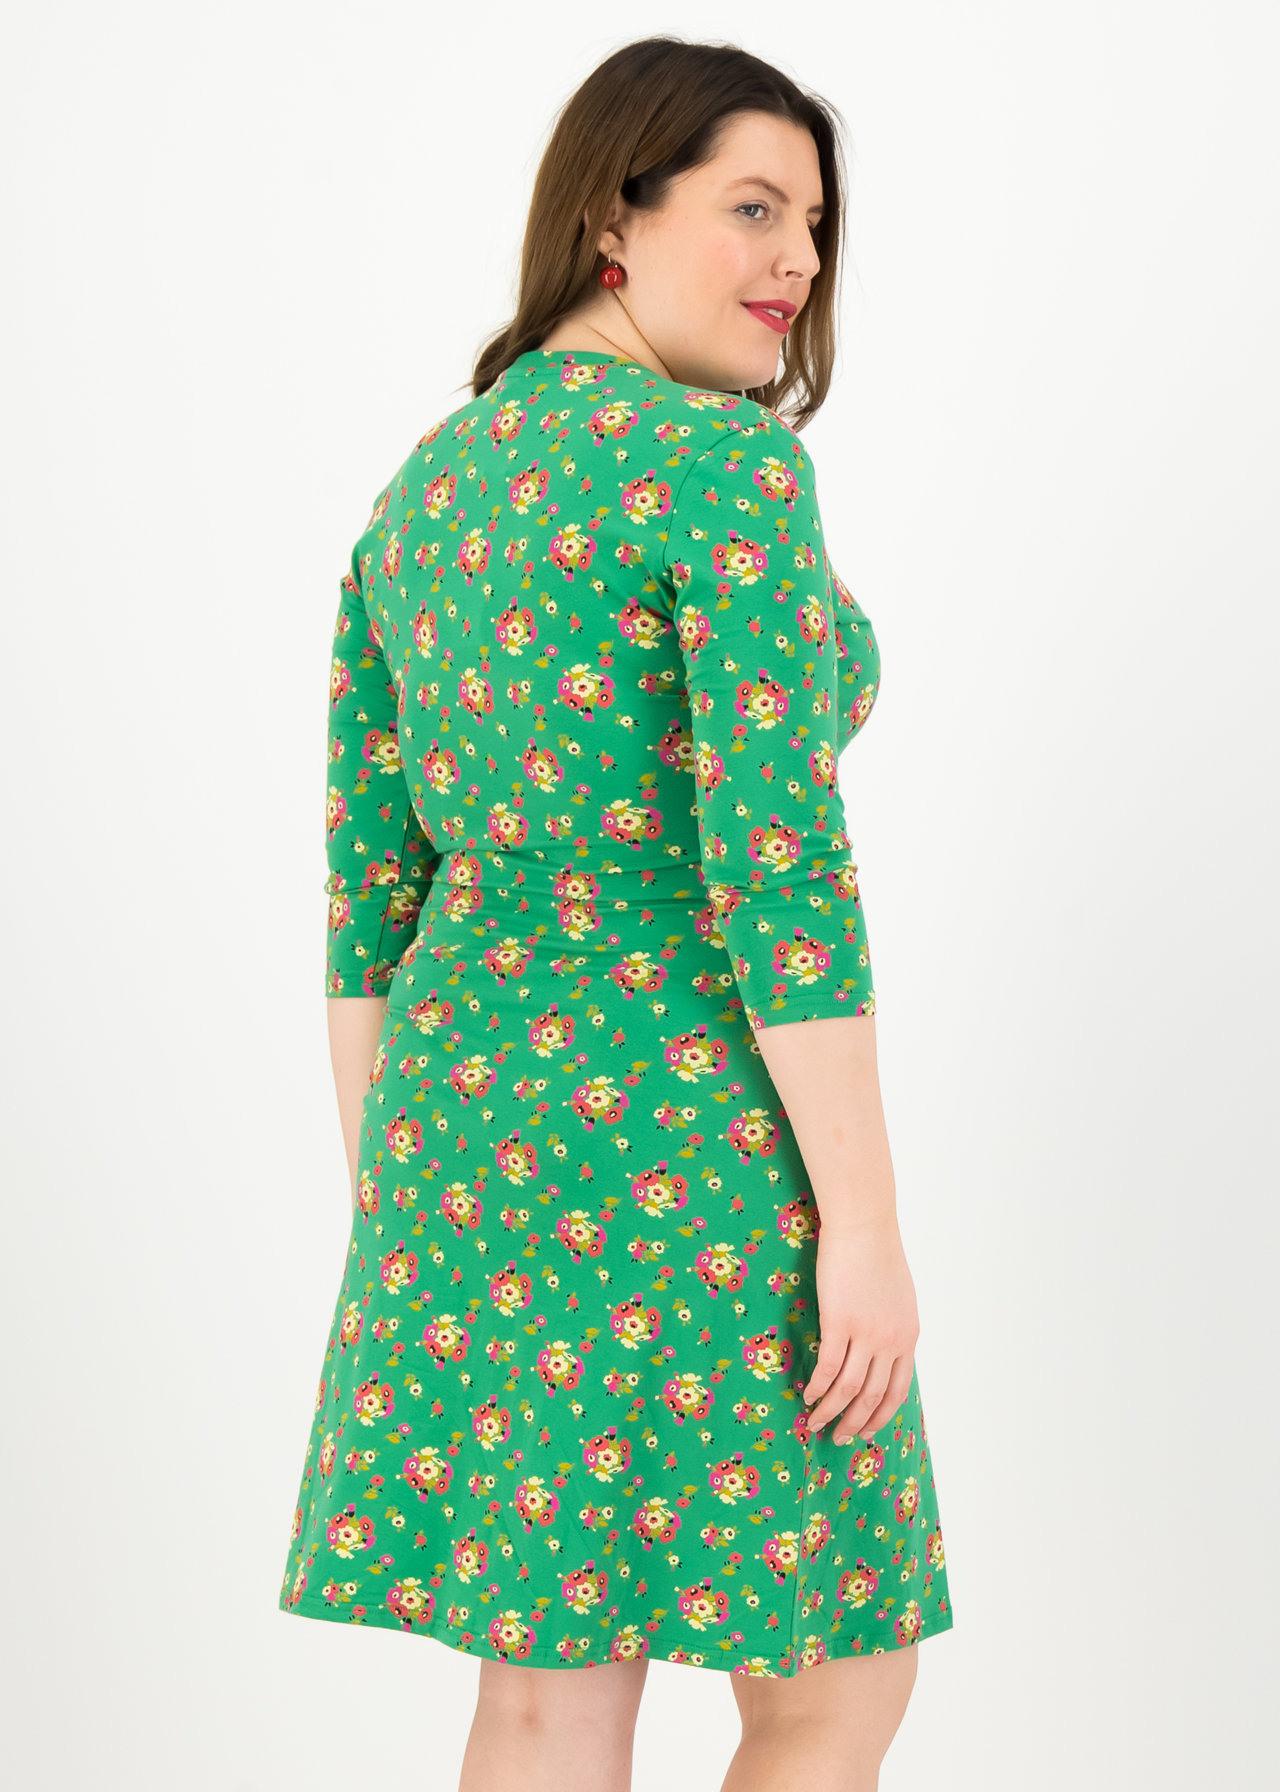 Blutsgeschwister Damen Kleid Pfadfinderehrenwort Dress